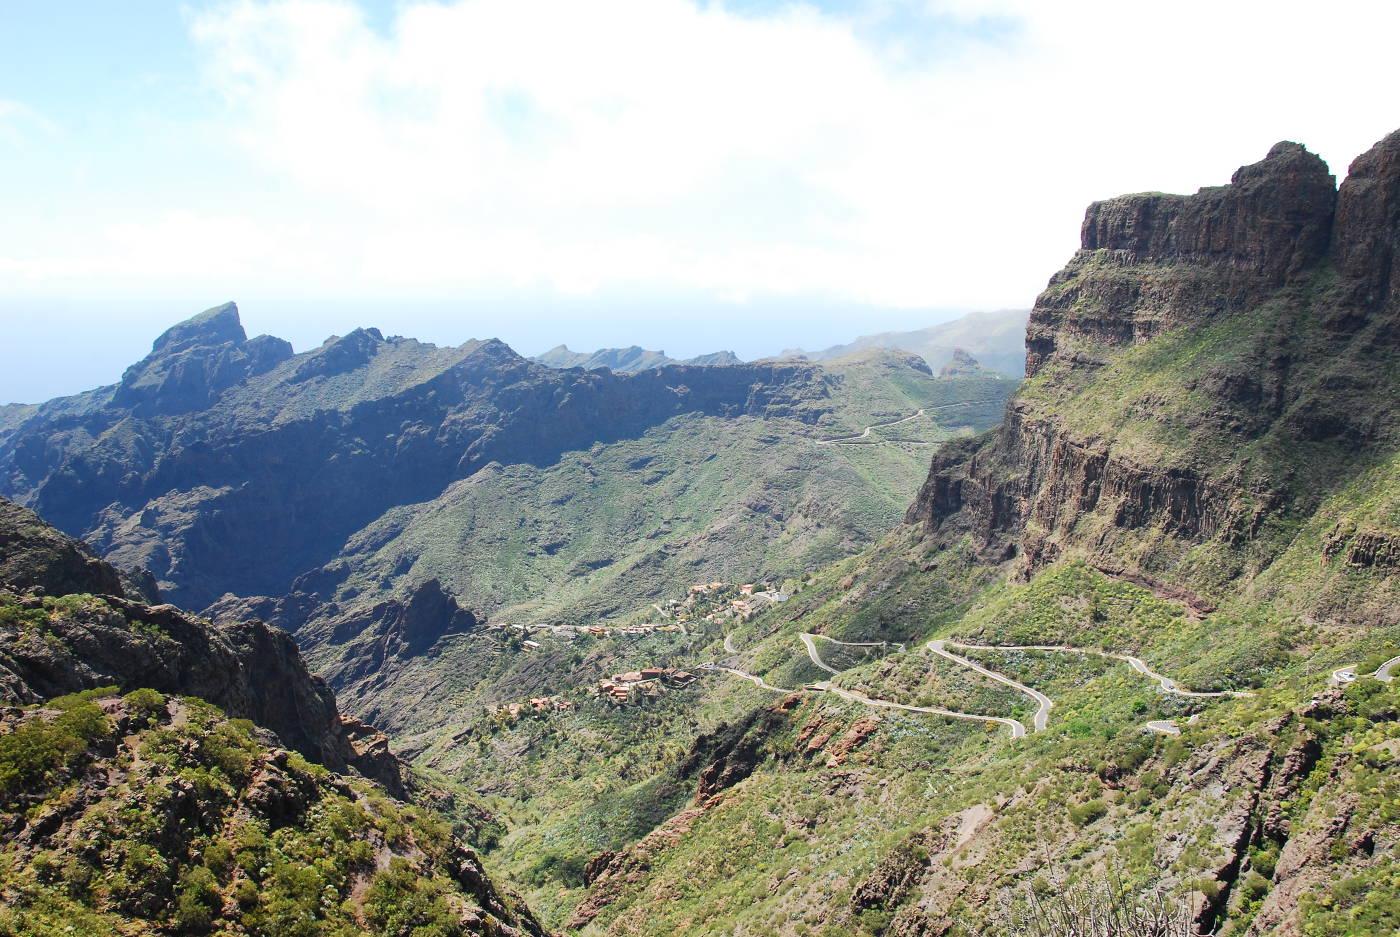 Le Village de Masca niché dans les montagnes de Tenerife